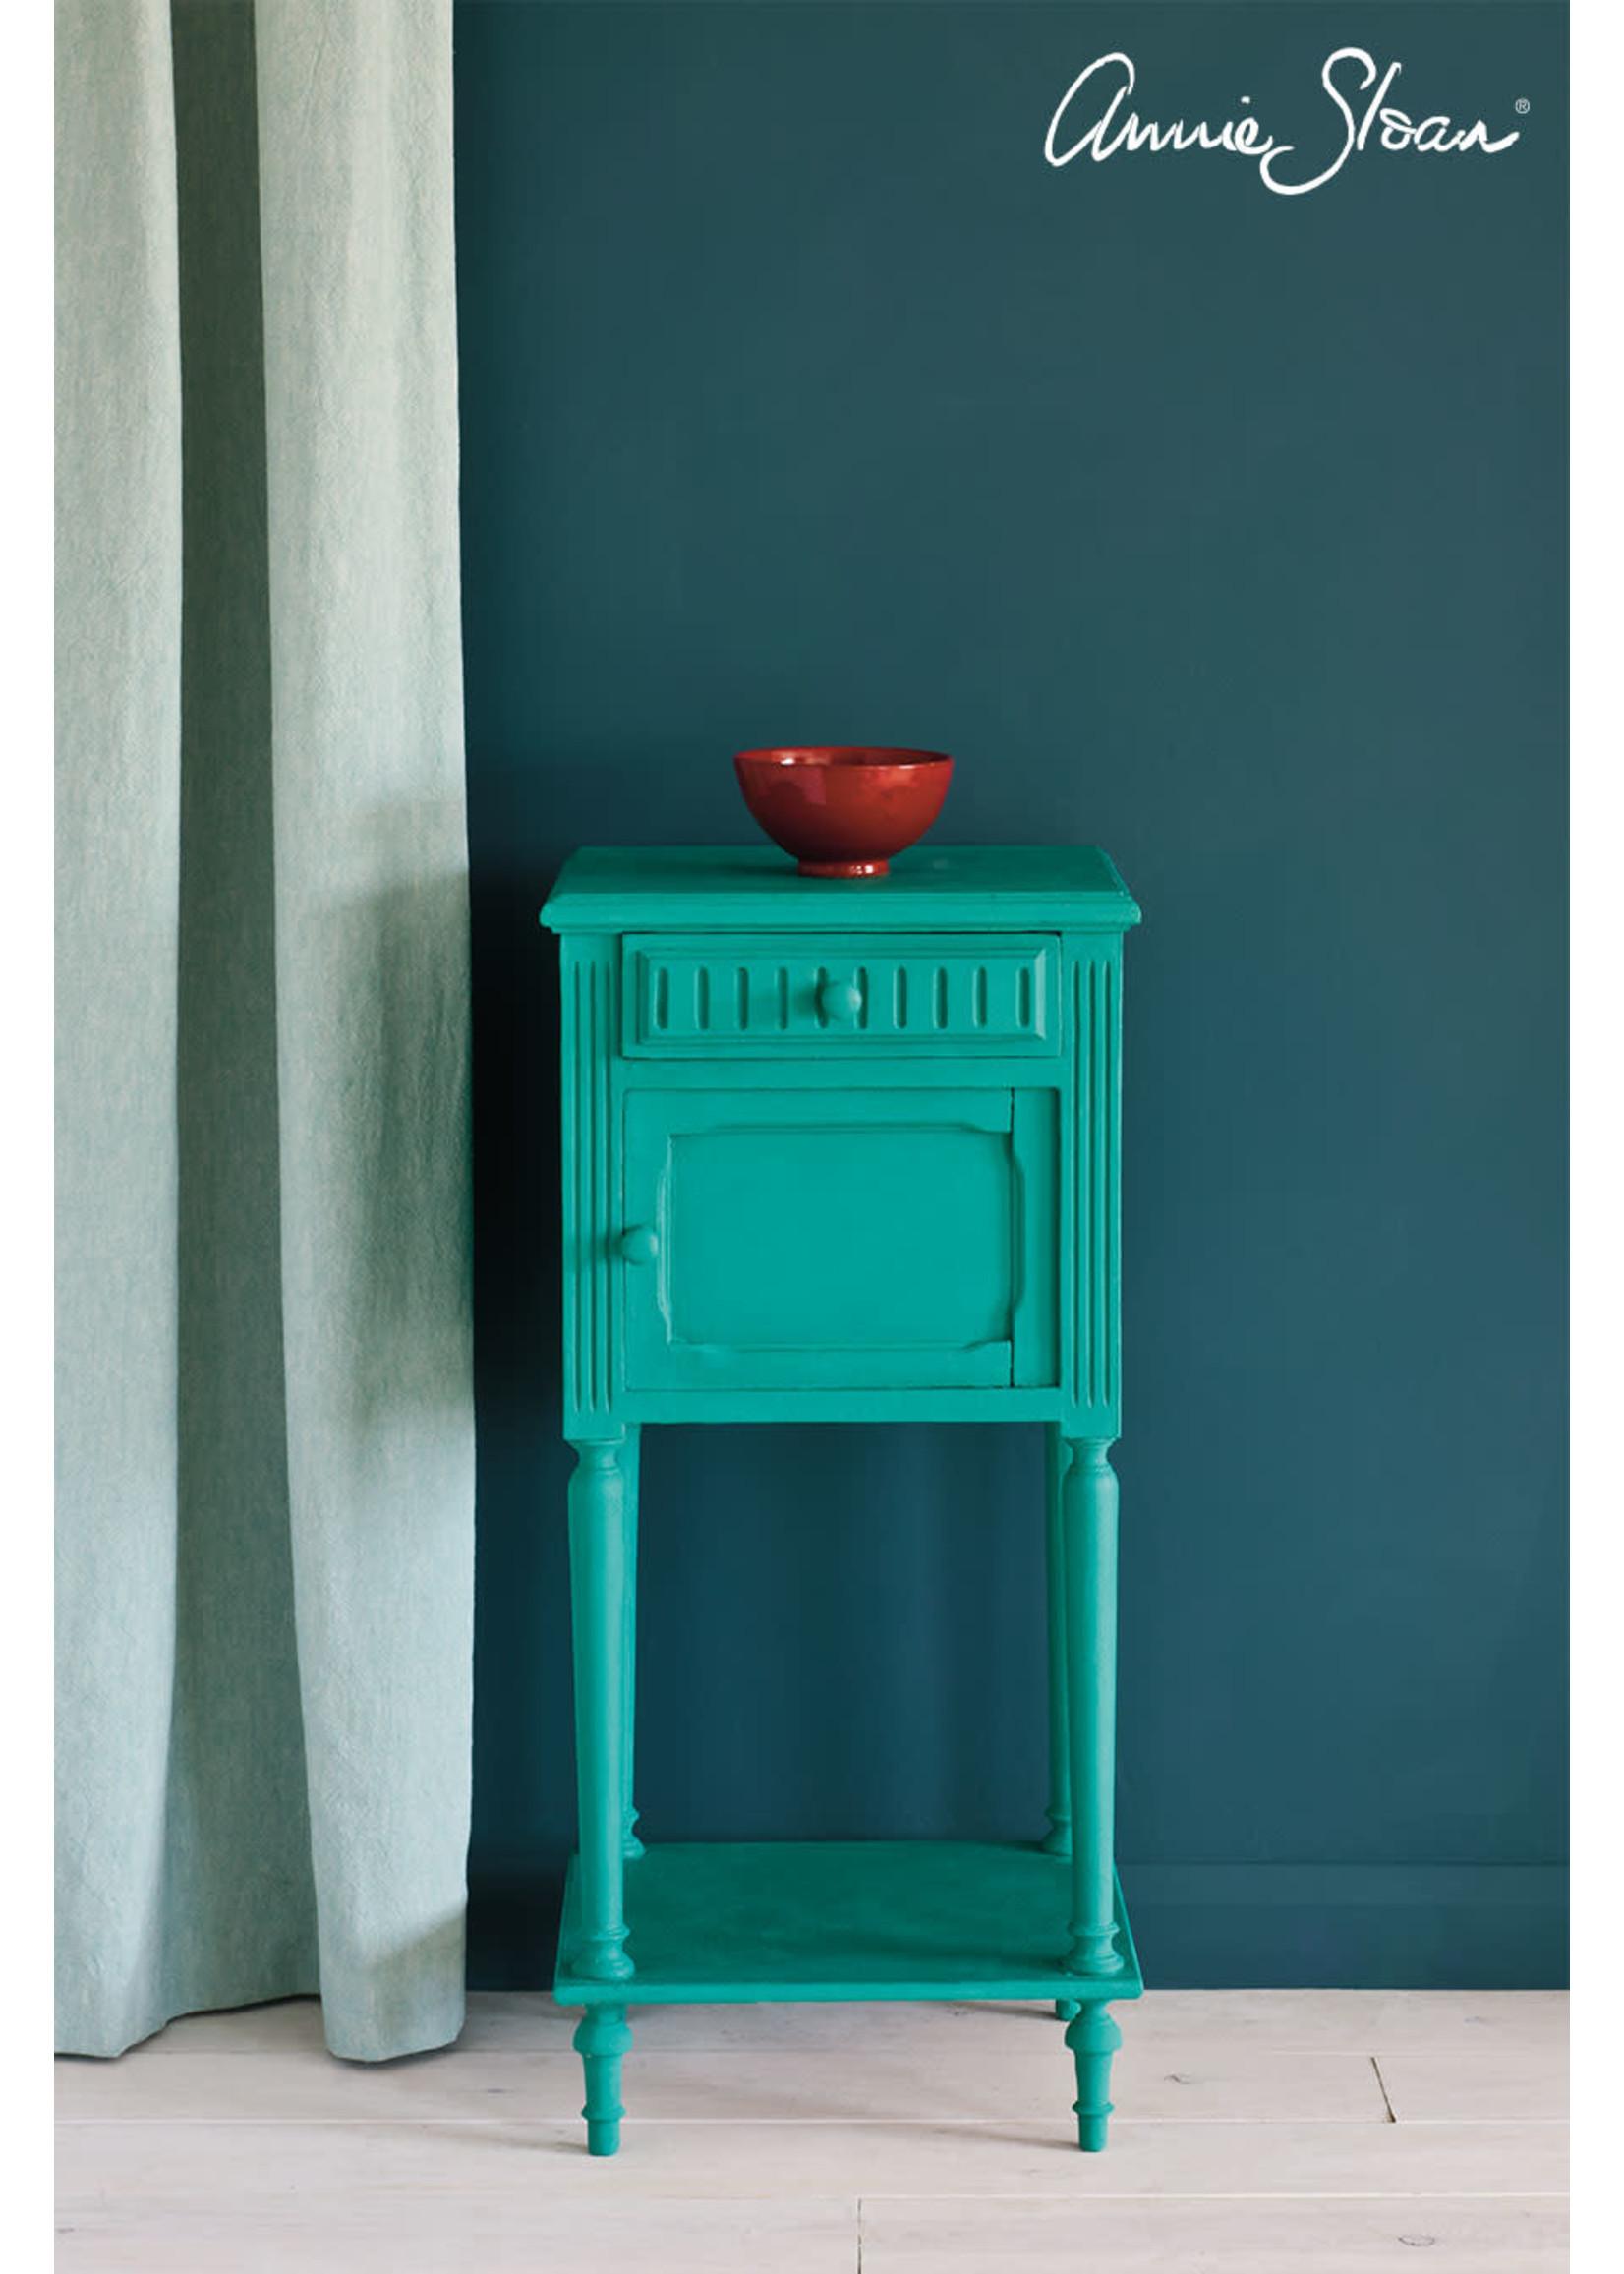 Annie Sloan Chalk Paint® Florence Annie Sloan Chalk Paint ®